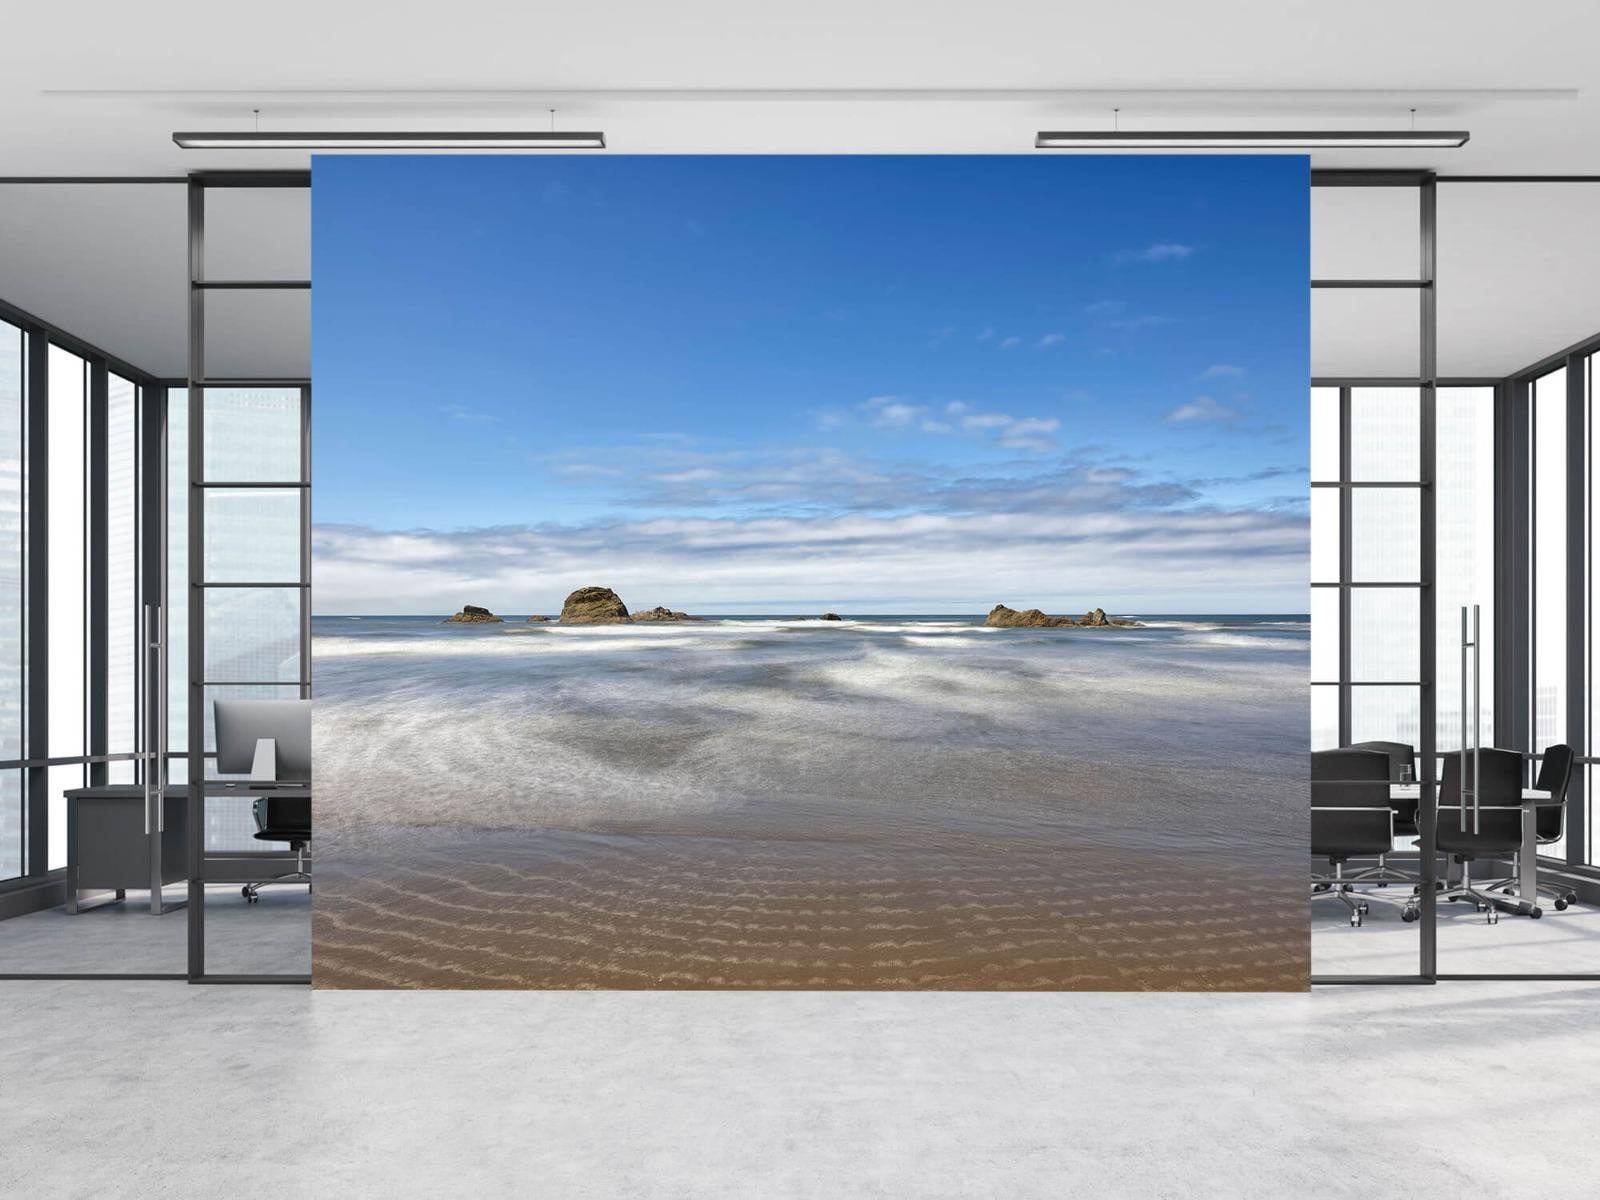 Zeeën en Oceanen - Strand met rotsen - Slaapkamer 12